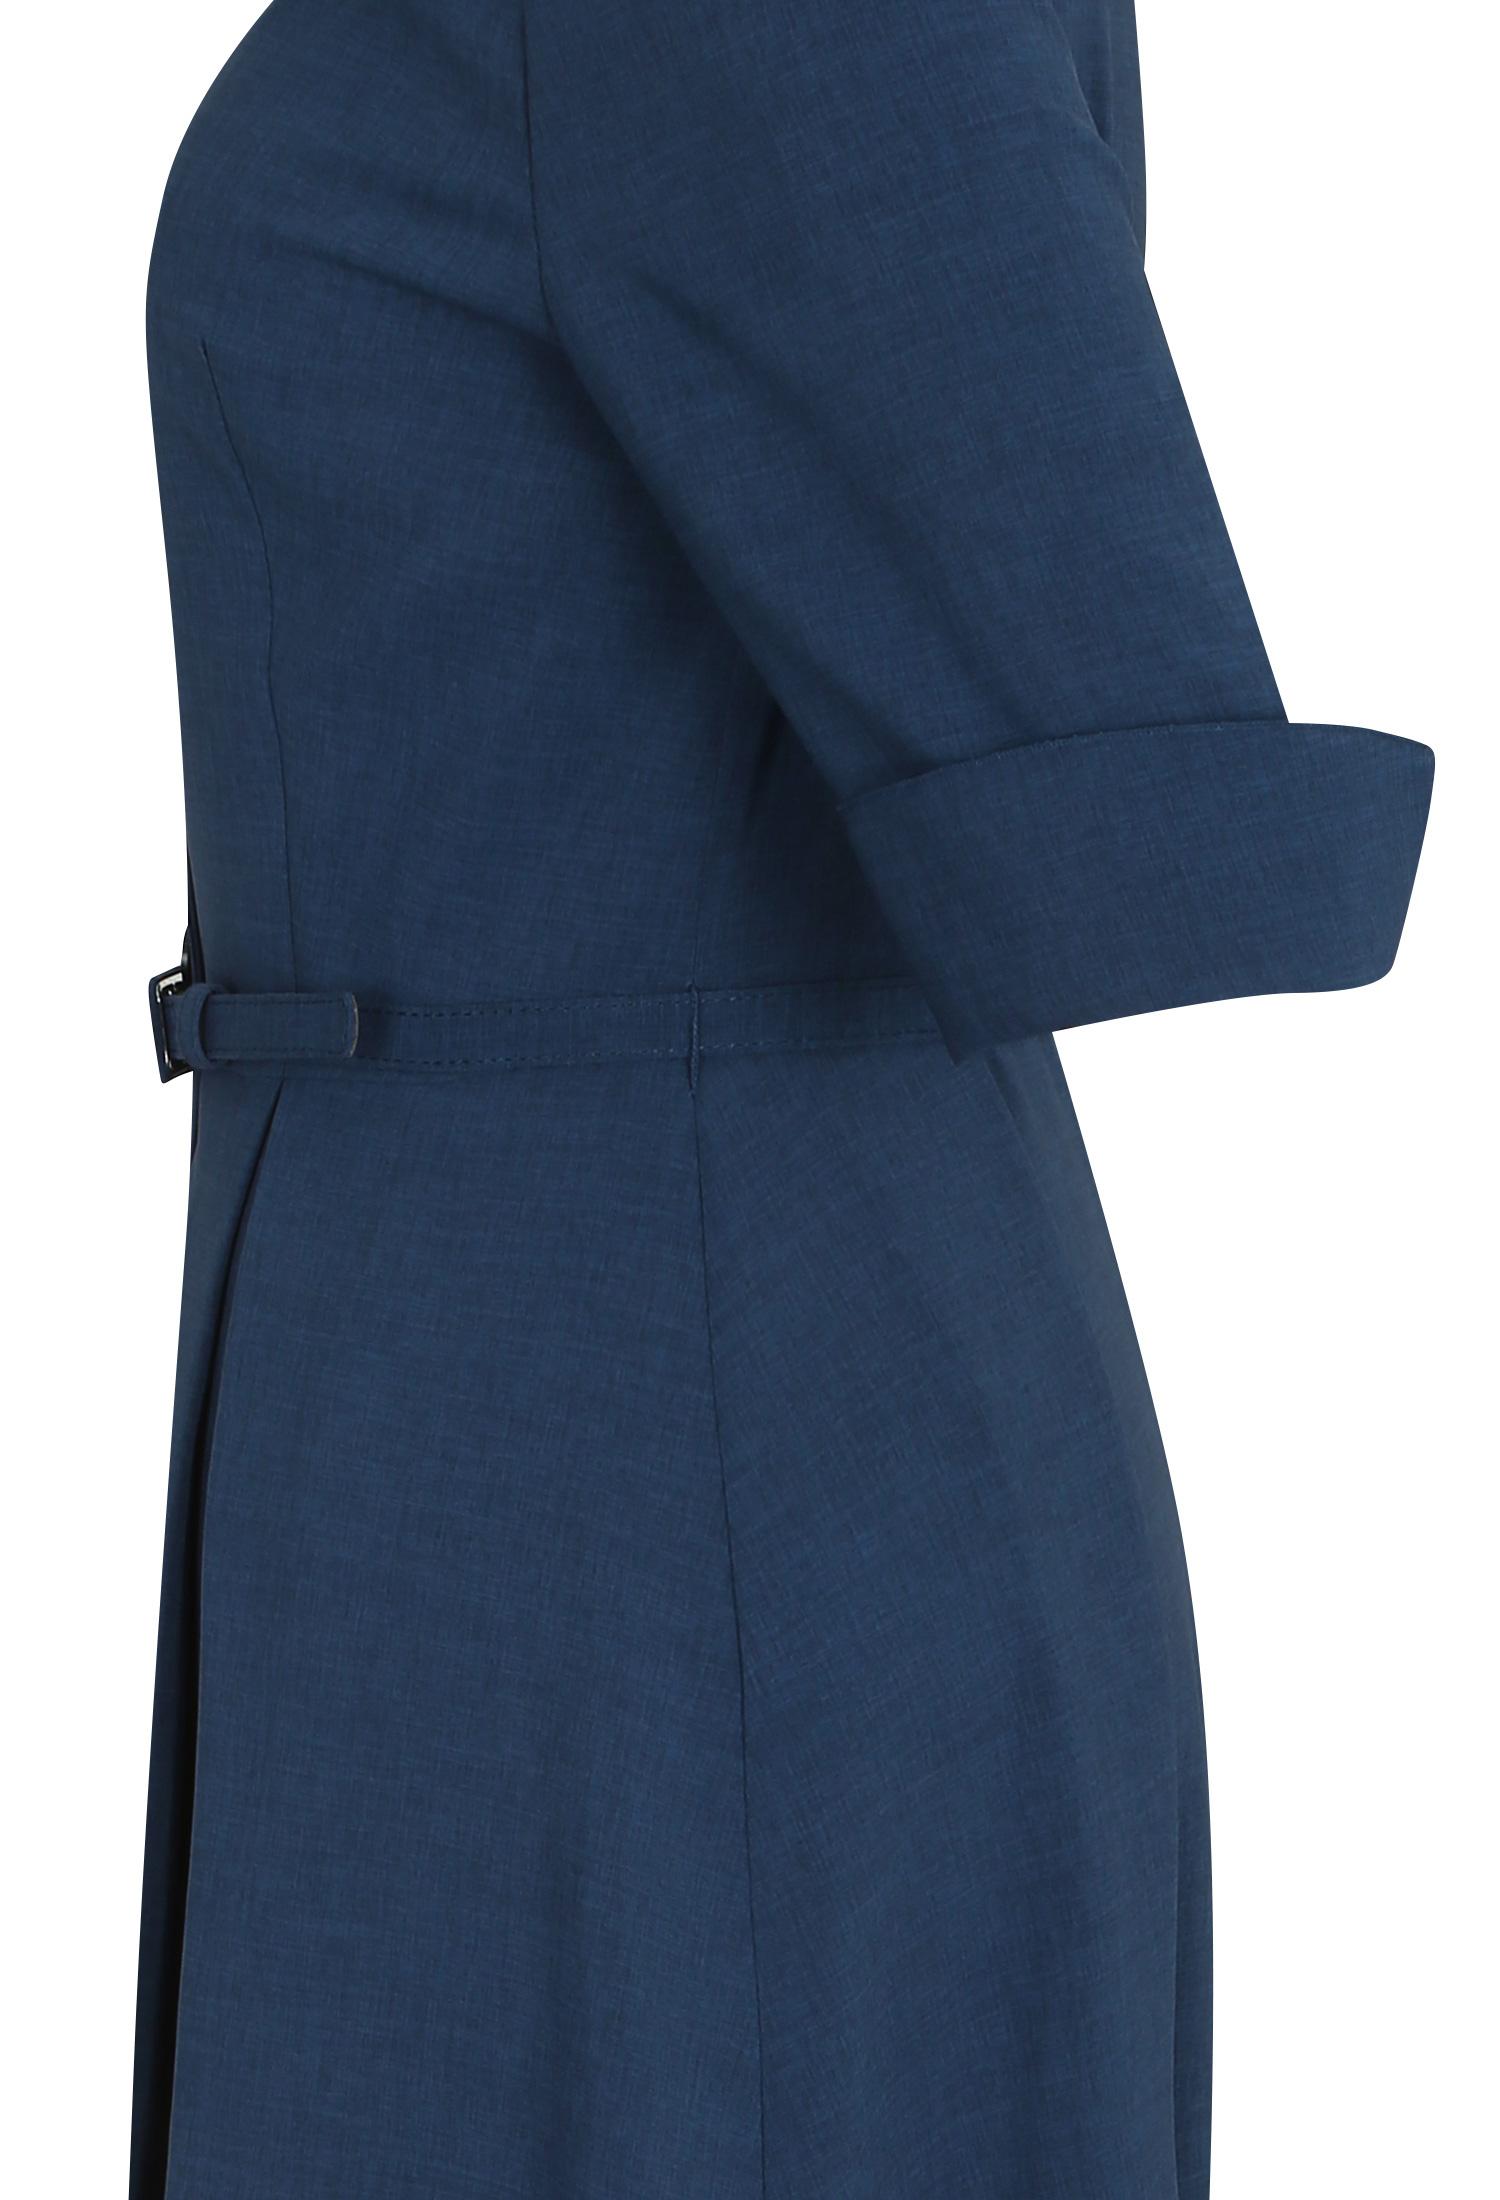 핀턱 디테일 슬릿 칼라 원피스 (BLUE)